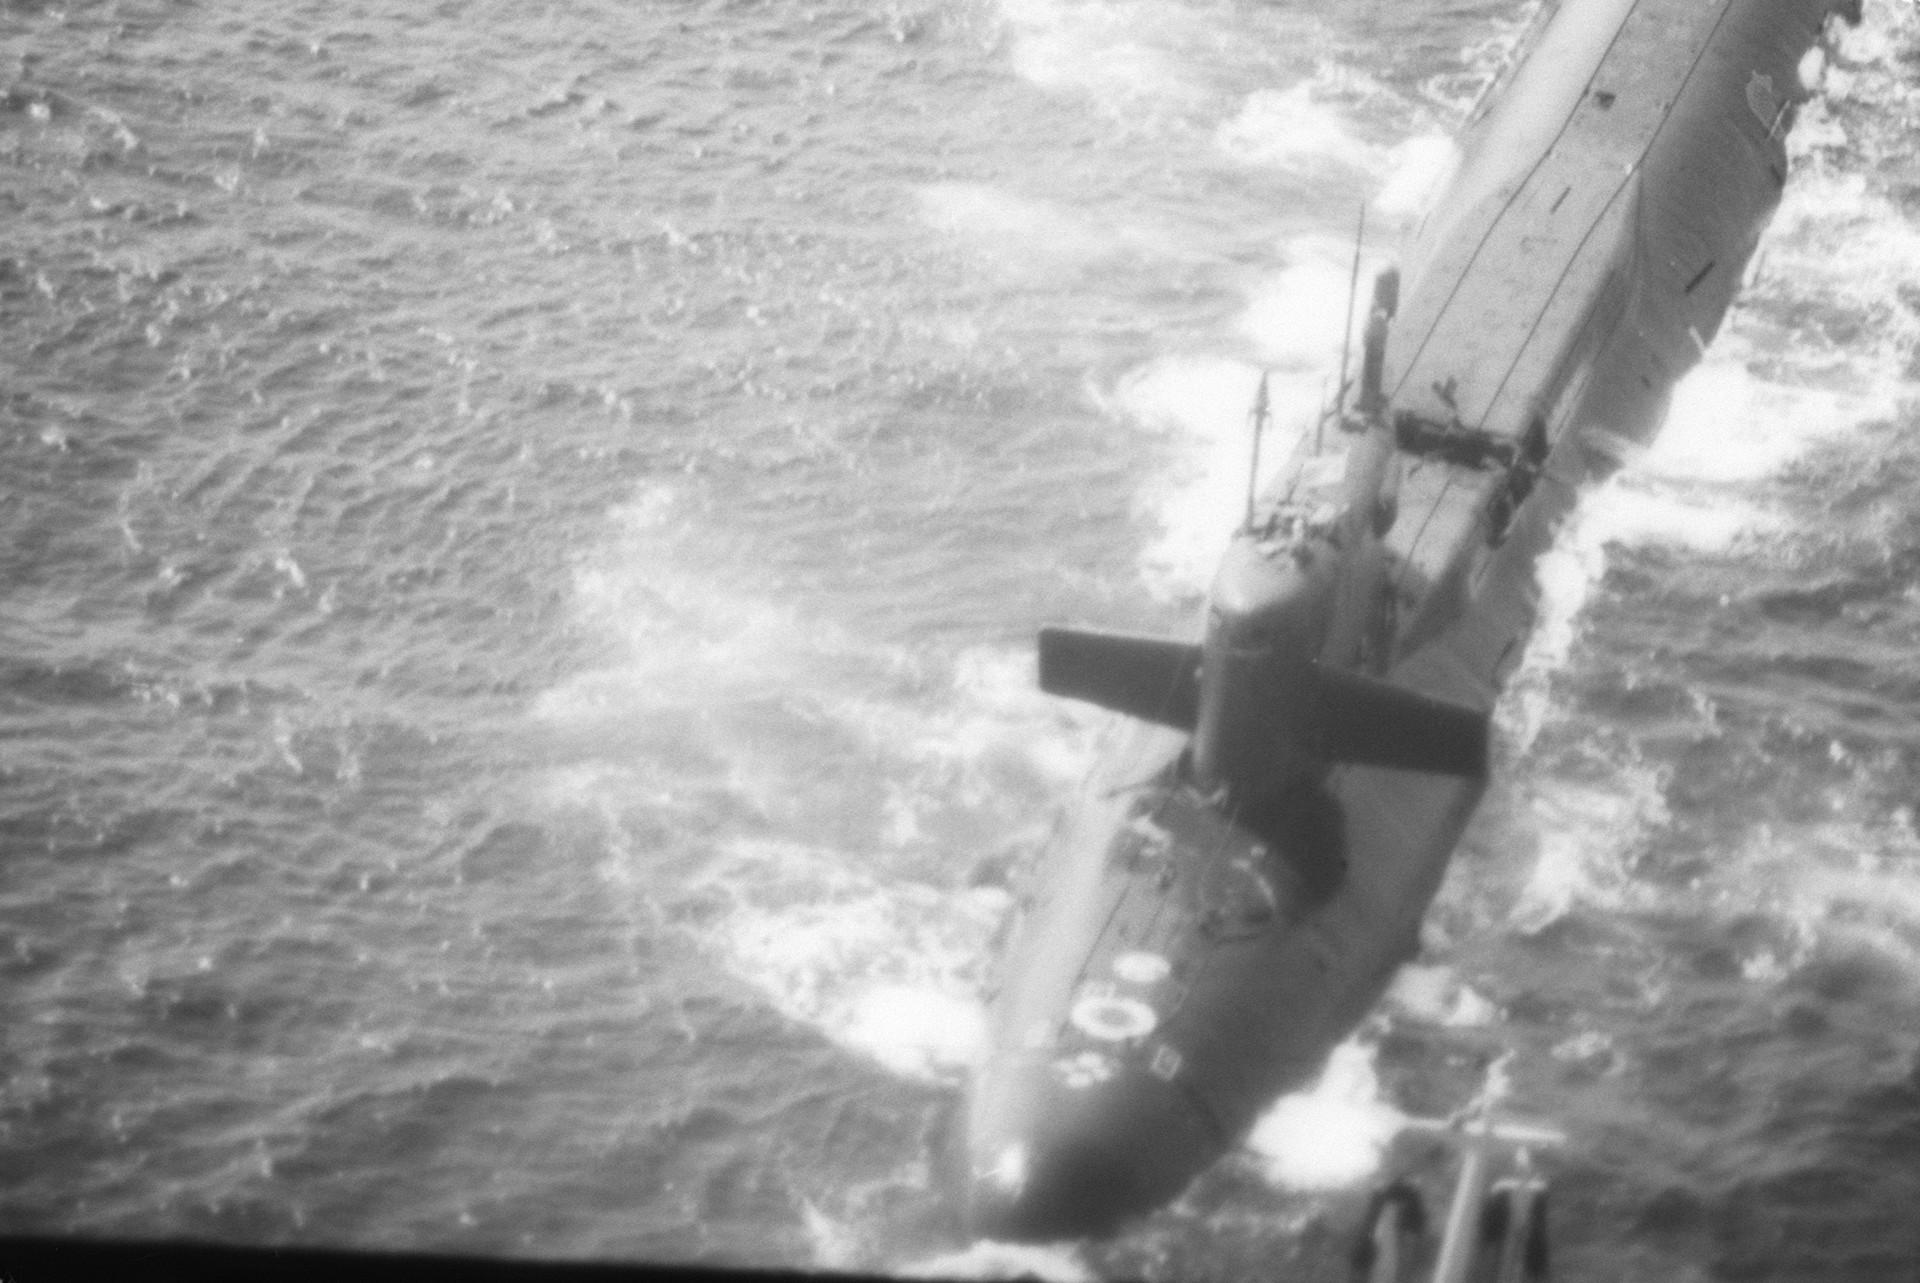 Die K-219, beschädigt durch eine Raketenexplosion im Inneren